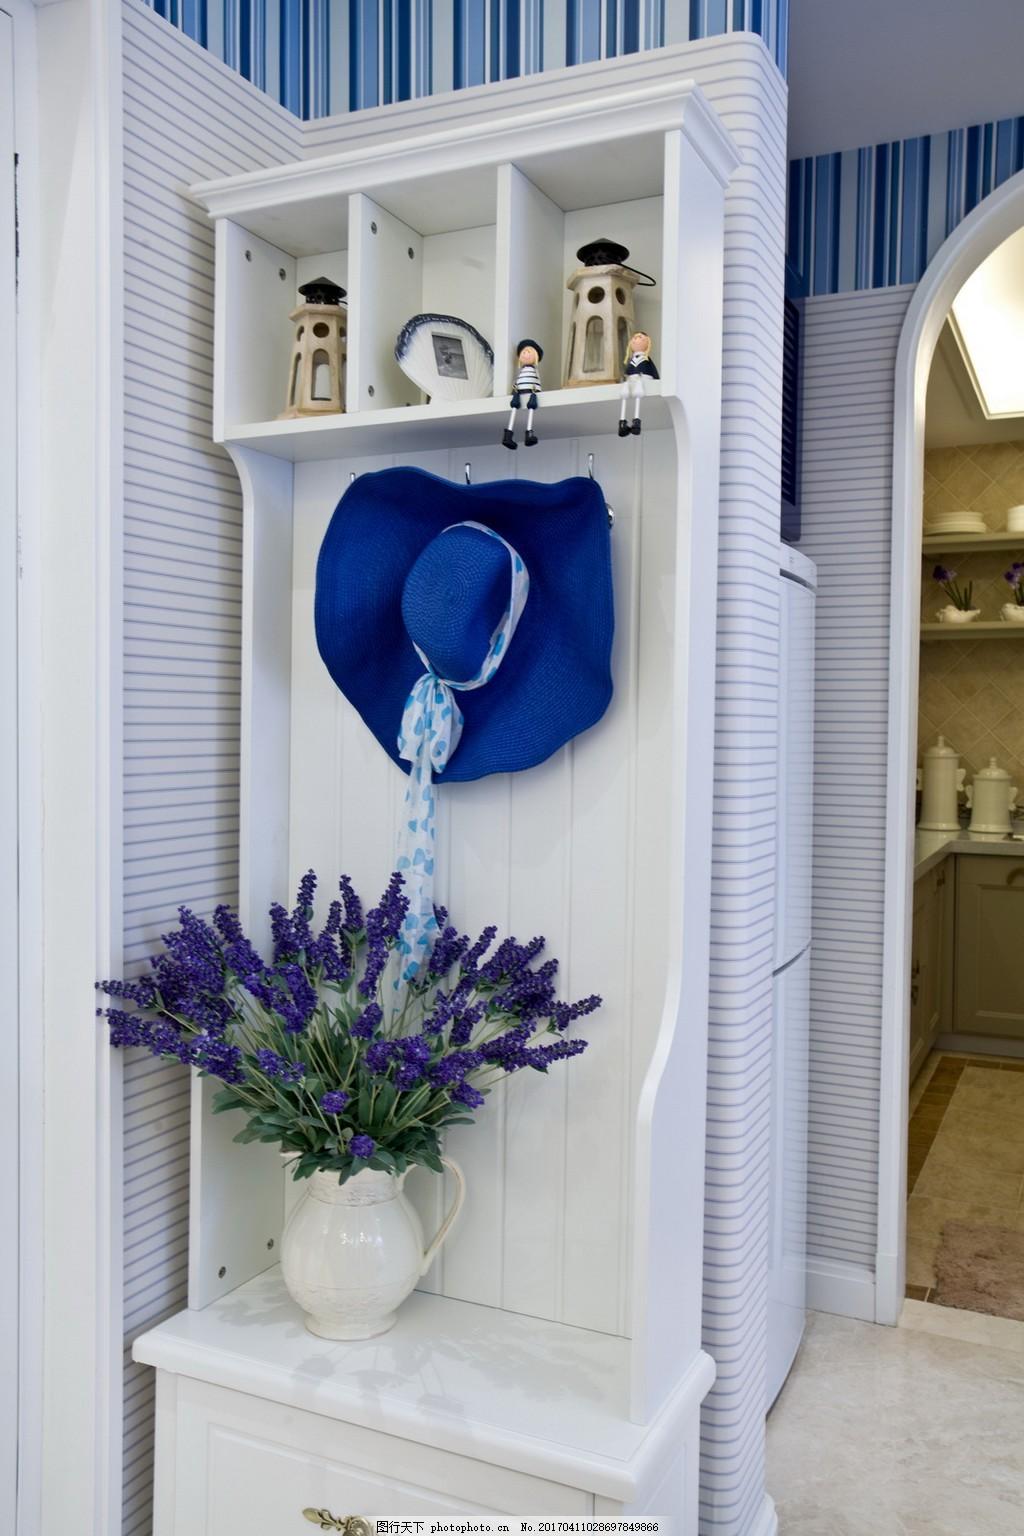 家居餐厅室内设计家装效果图 老式吊扇 花纹桌布 木质 桌椅 墙画